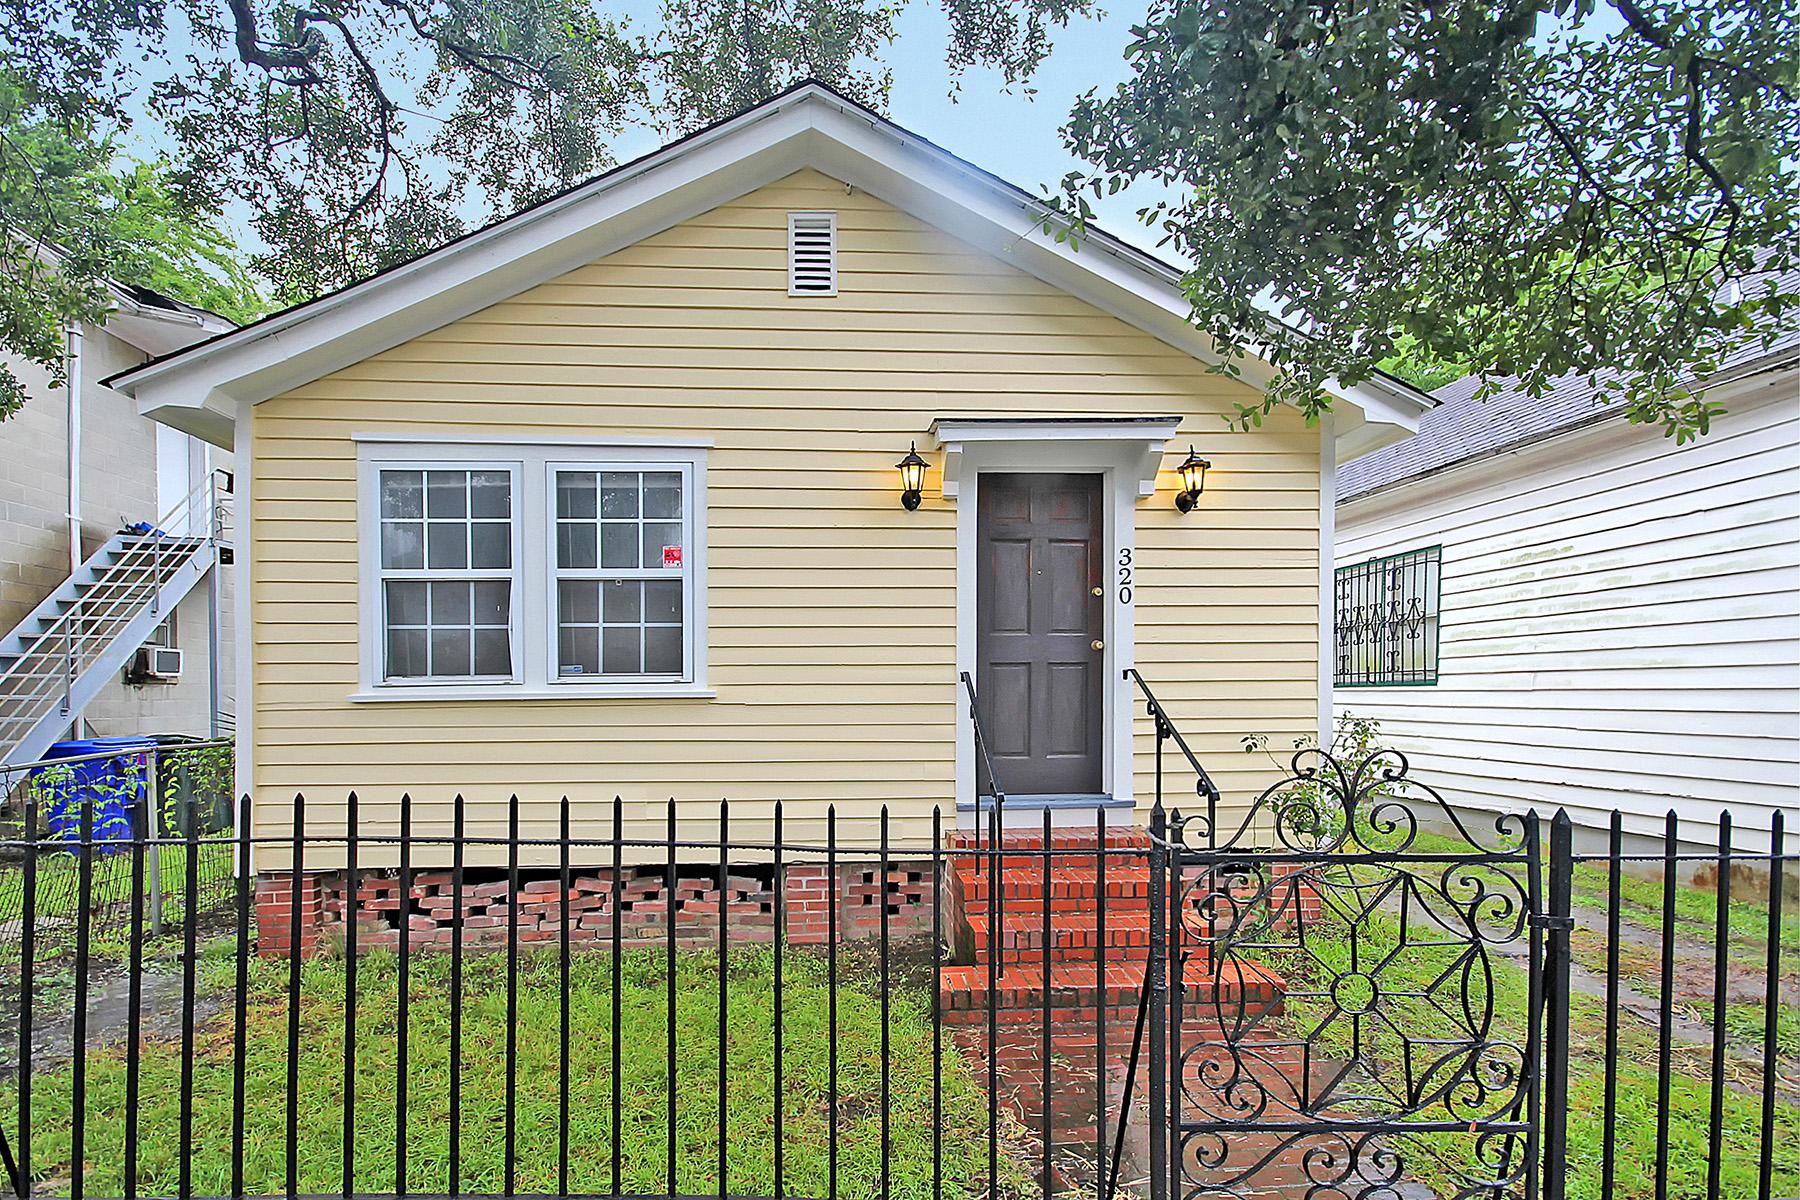 独户住宅 为 销售 在 320 Ashley Avenue 查尔斯顿, 南卡罗来纳州, 29403 美国